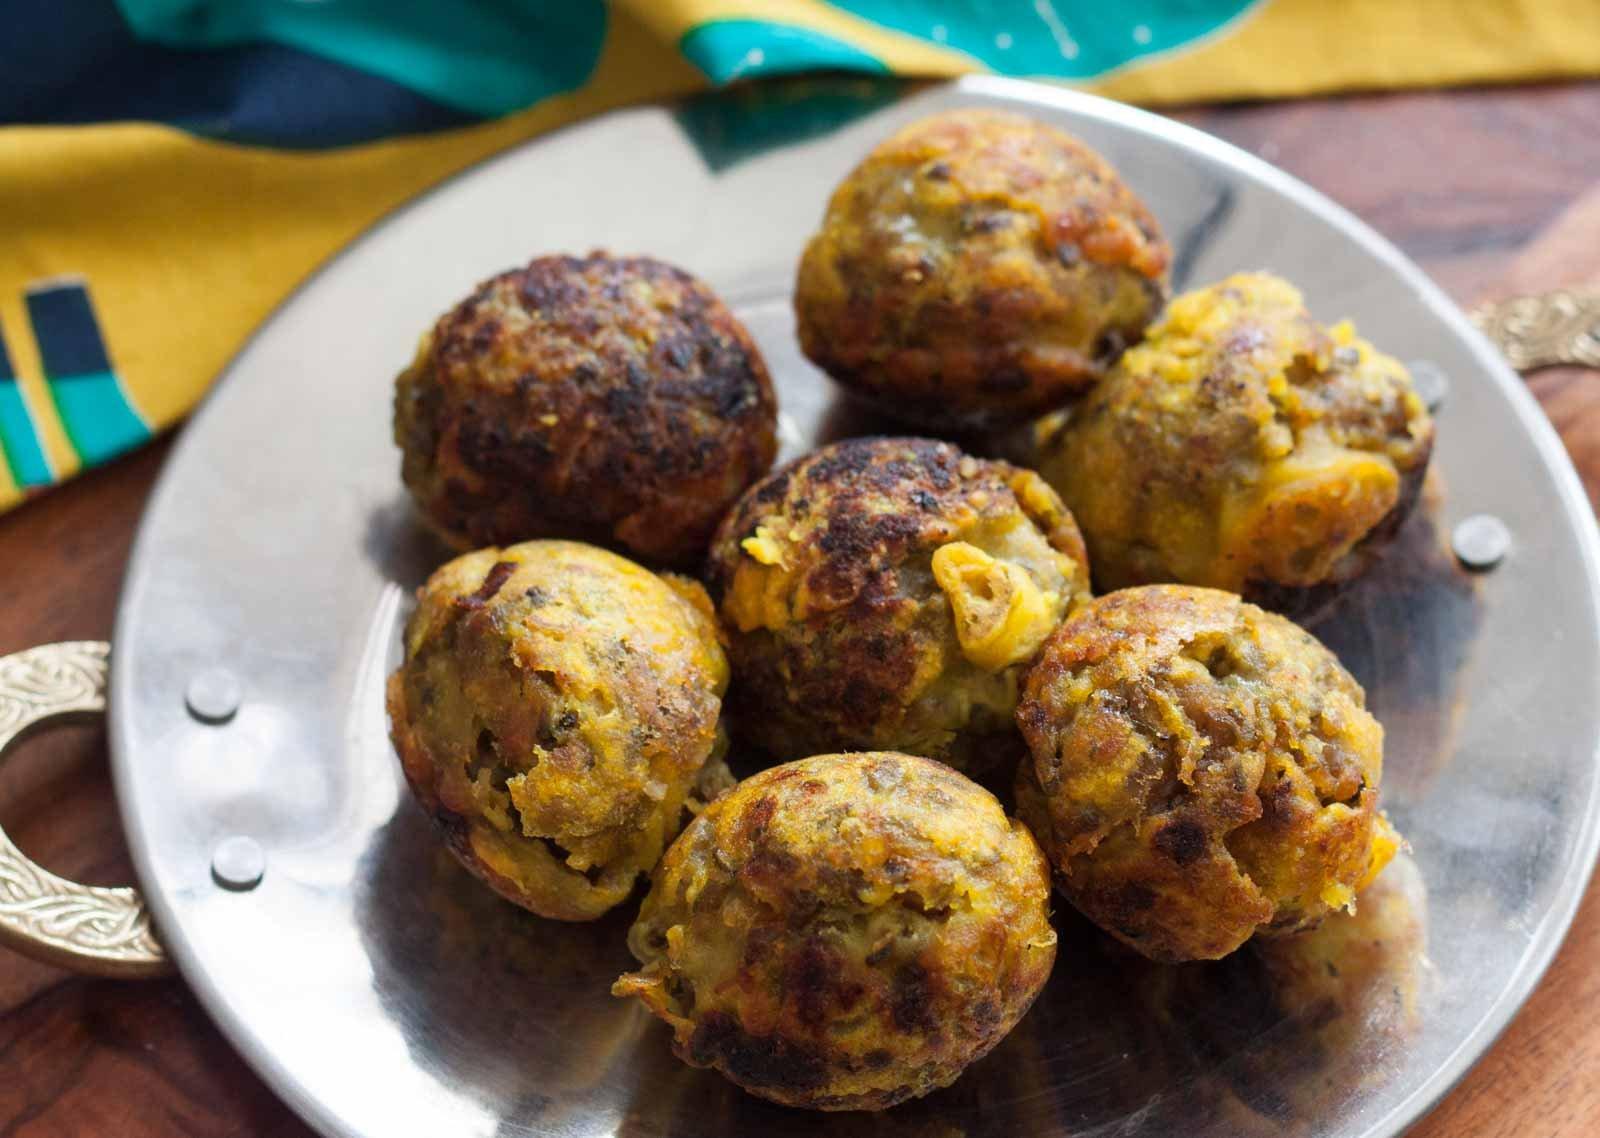 Kerala style sugiyan recipe sweet moong dal bondas by archanas kerala style sugiyan recipe sweet moong dal bondas forumfinder Choice Image